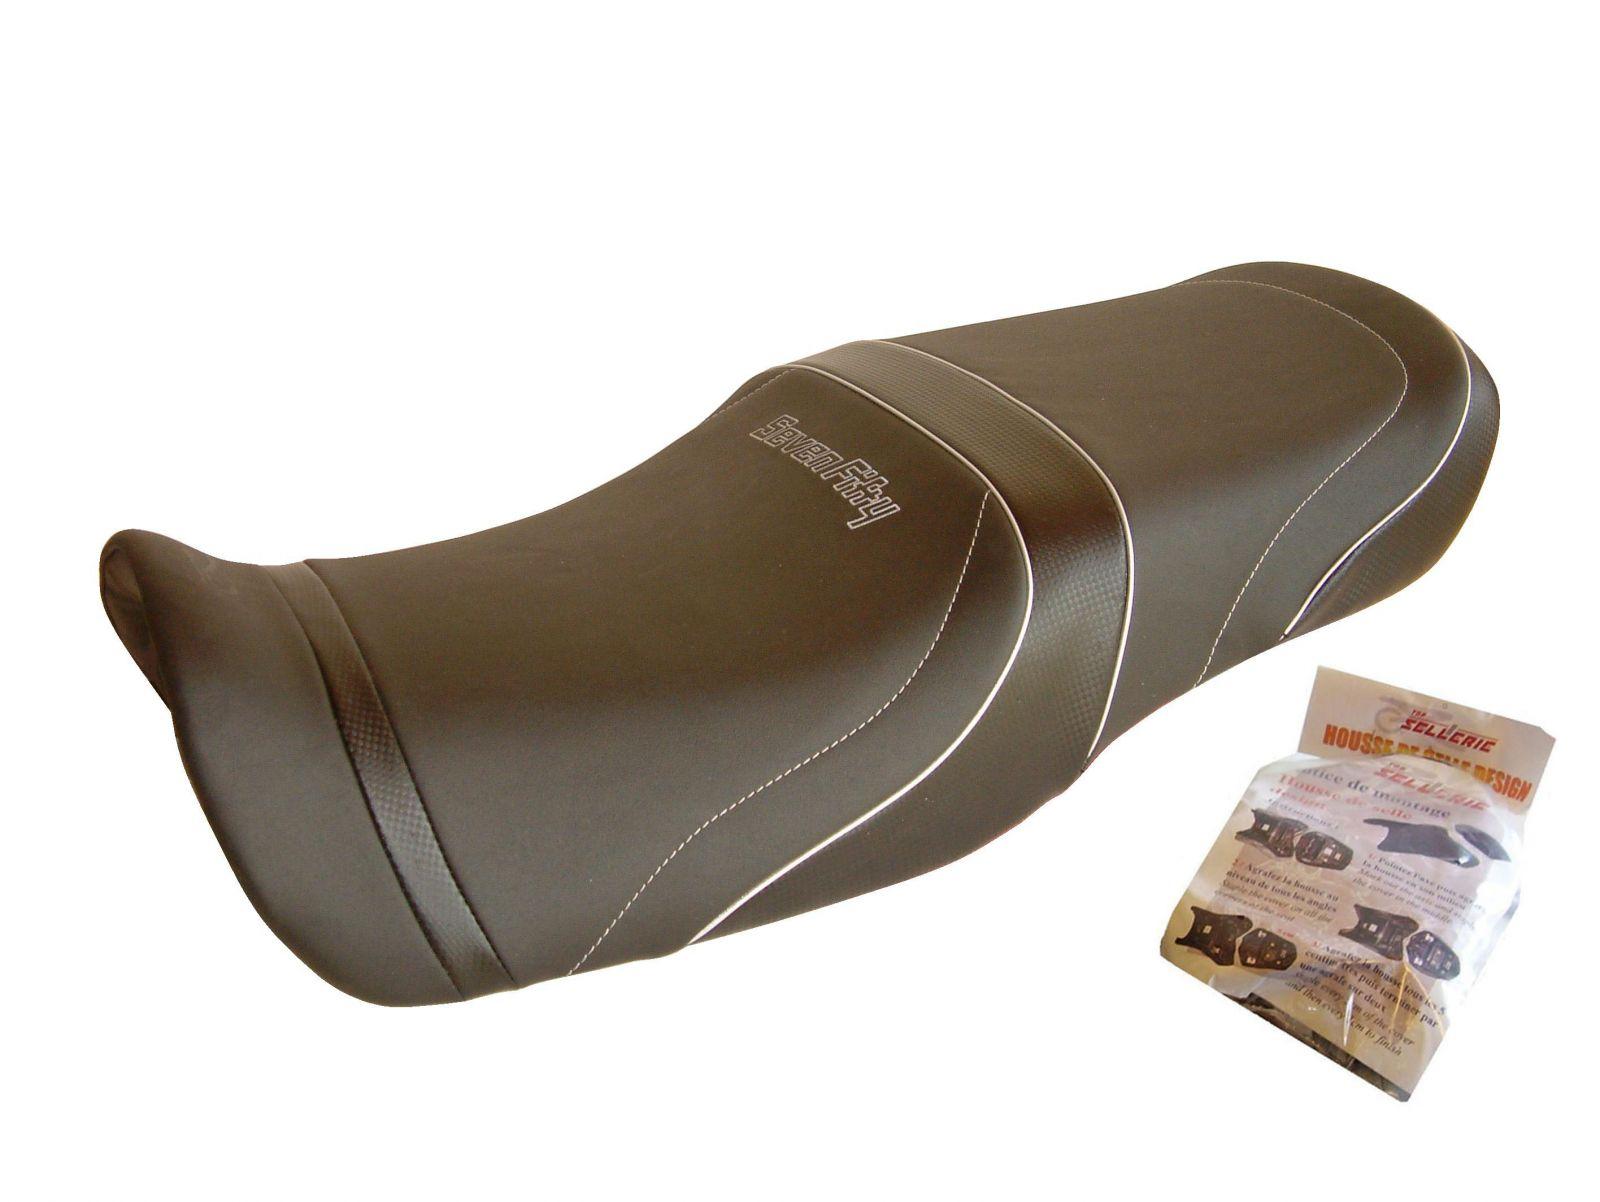 Capa de banco Design HSD2566 - HONDA SEVEN FIFTY CB 750 [1992-2003]